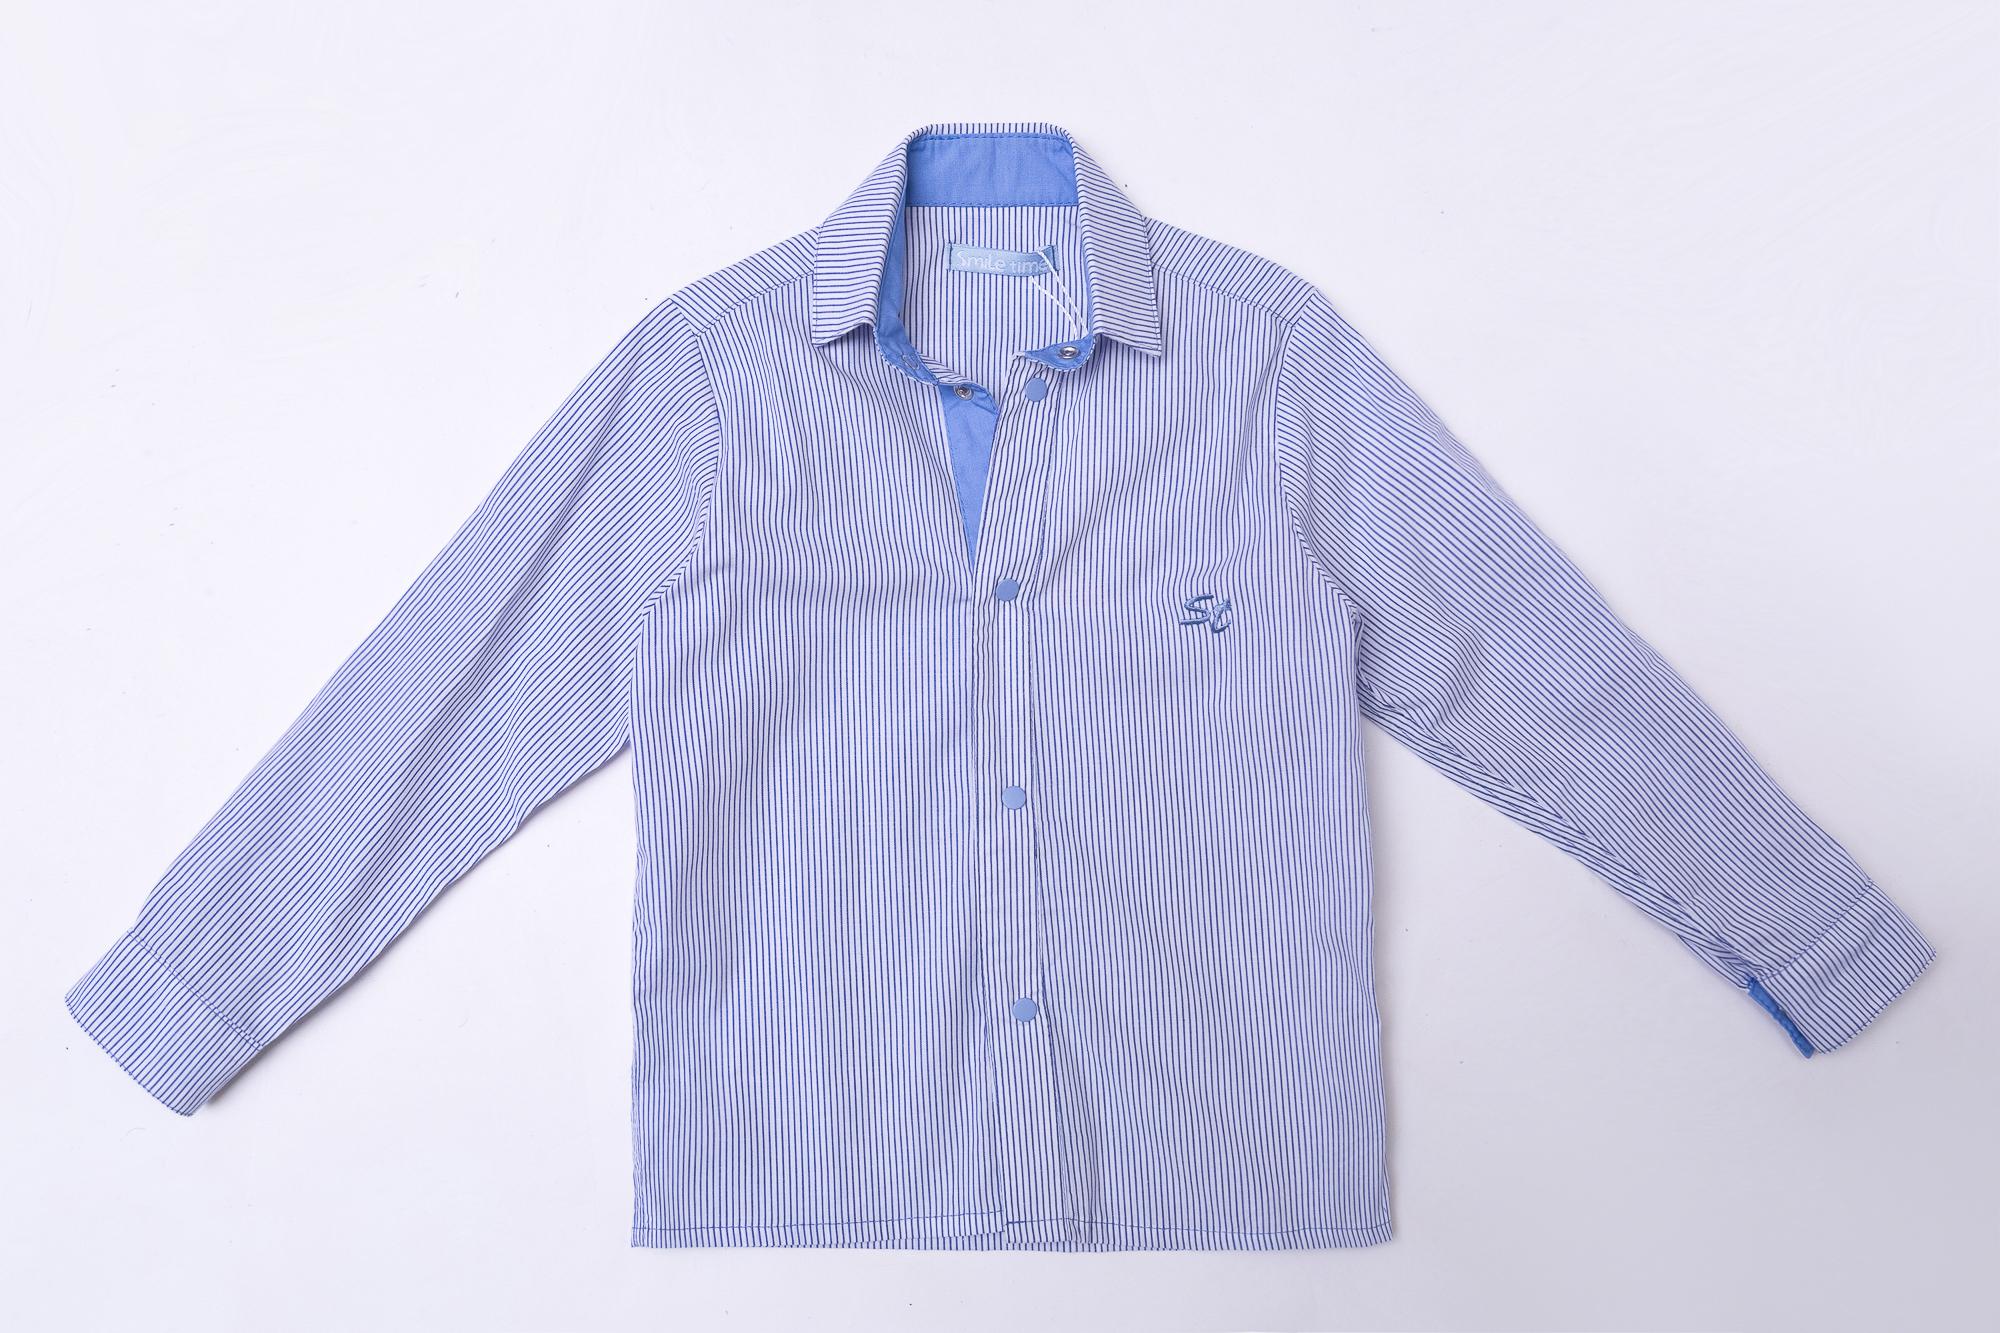 Рубашка для мальчика SmileTime с длинным рукавом детская Strip, ингдиго